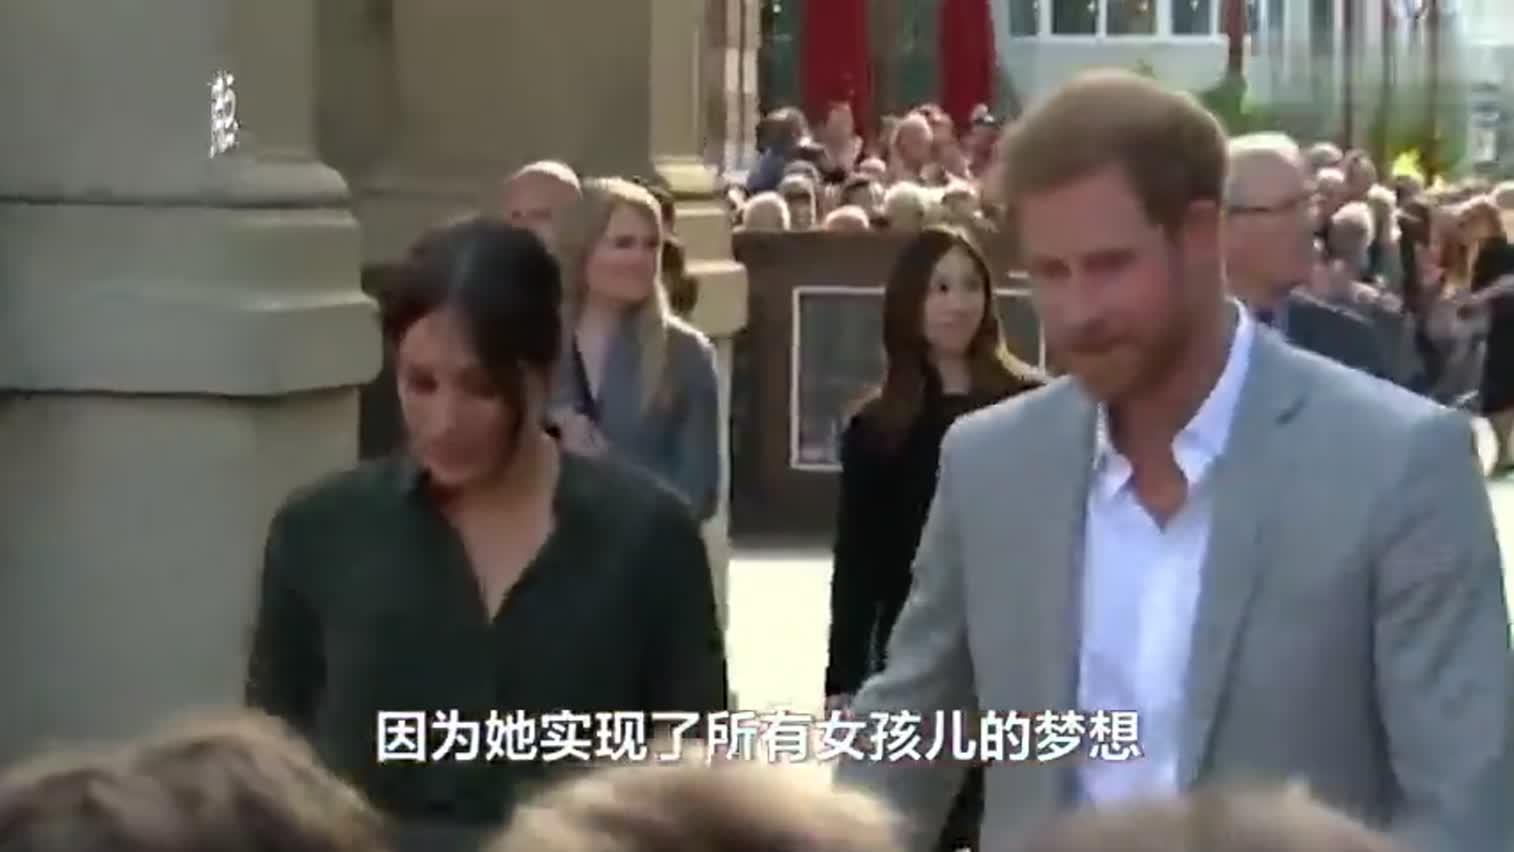 视频|哈里夫妇宣布退出王室后 梅根父亲指责女儿愚